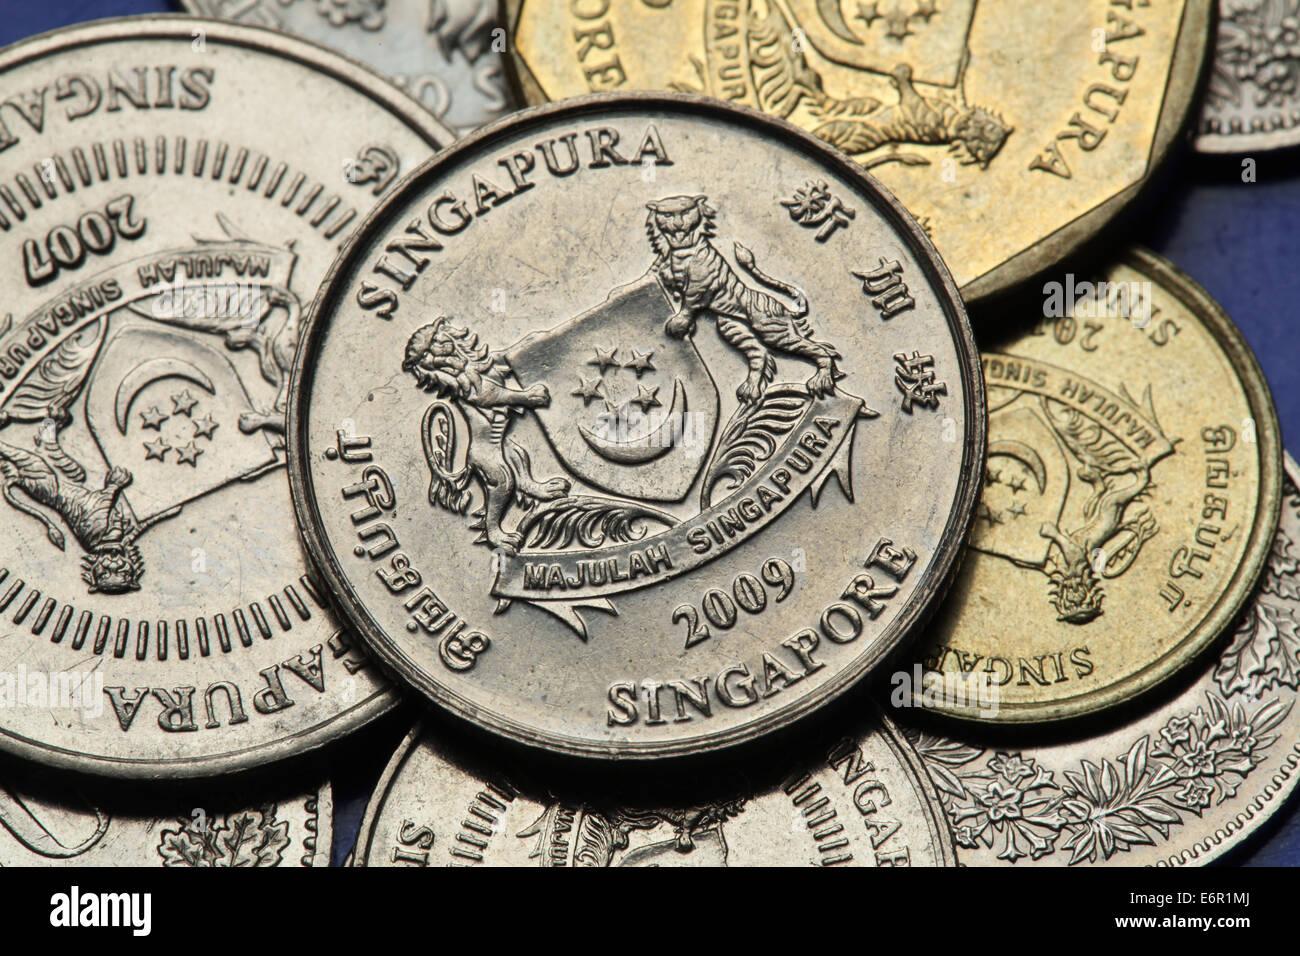 Münzen Von Singapur Staatswappen Von Singapur In Singapur Cent